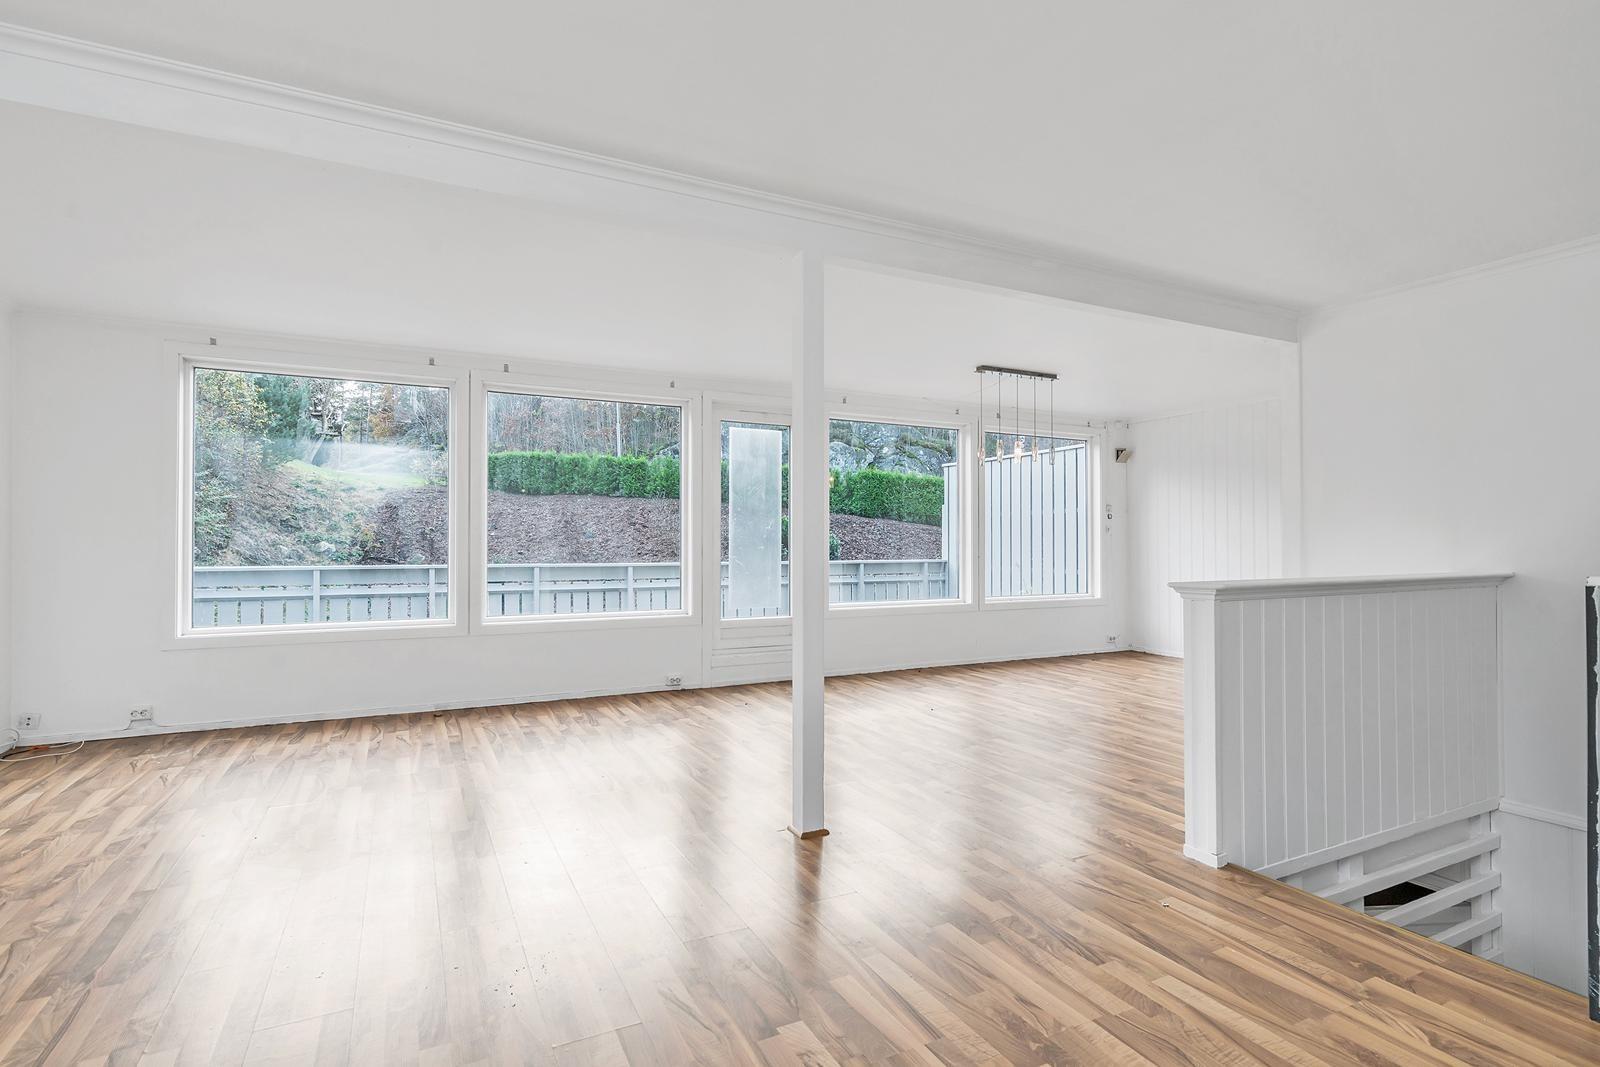 lys-og-romslig-stue-med-dor-ut-til-veranda